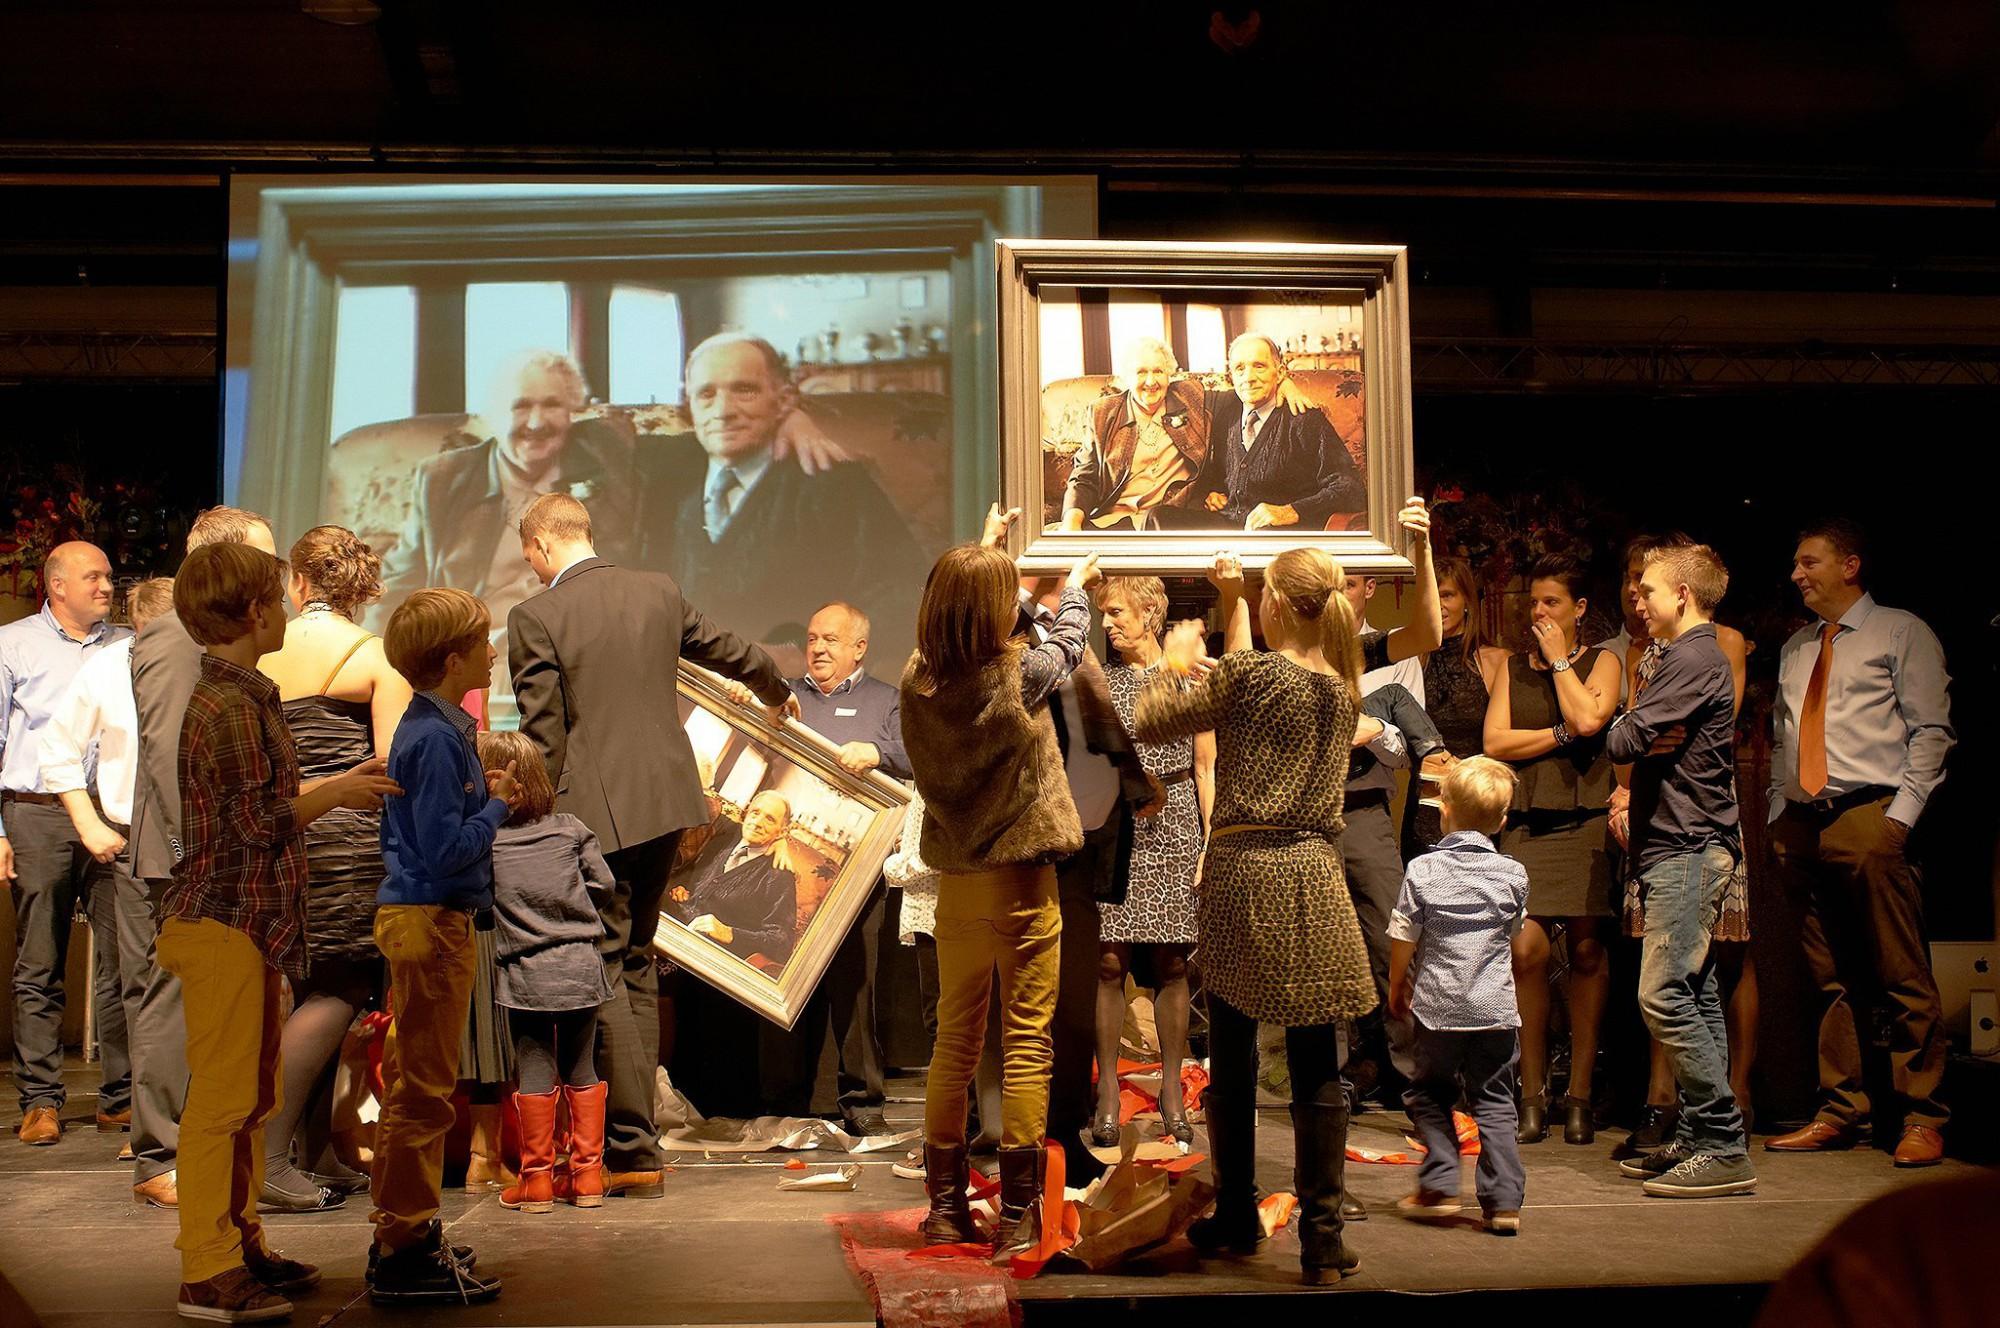 Afbeelding: Bedrijfsfeest 50 jaar Adams te Hoogstraten.